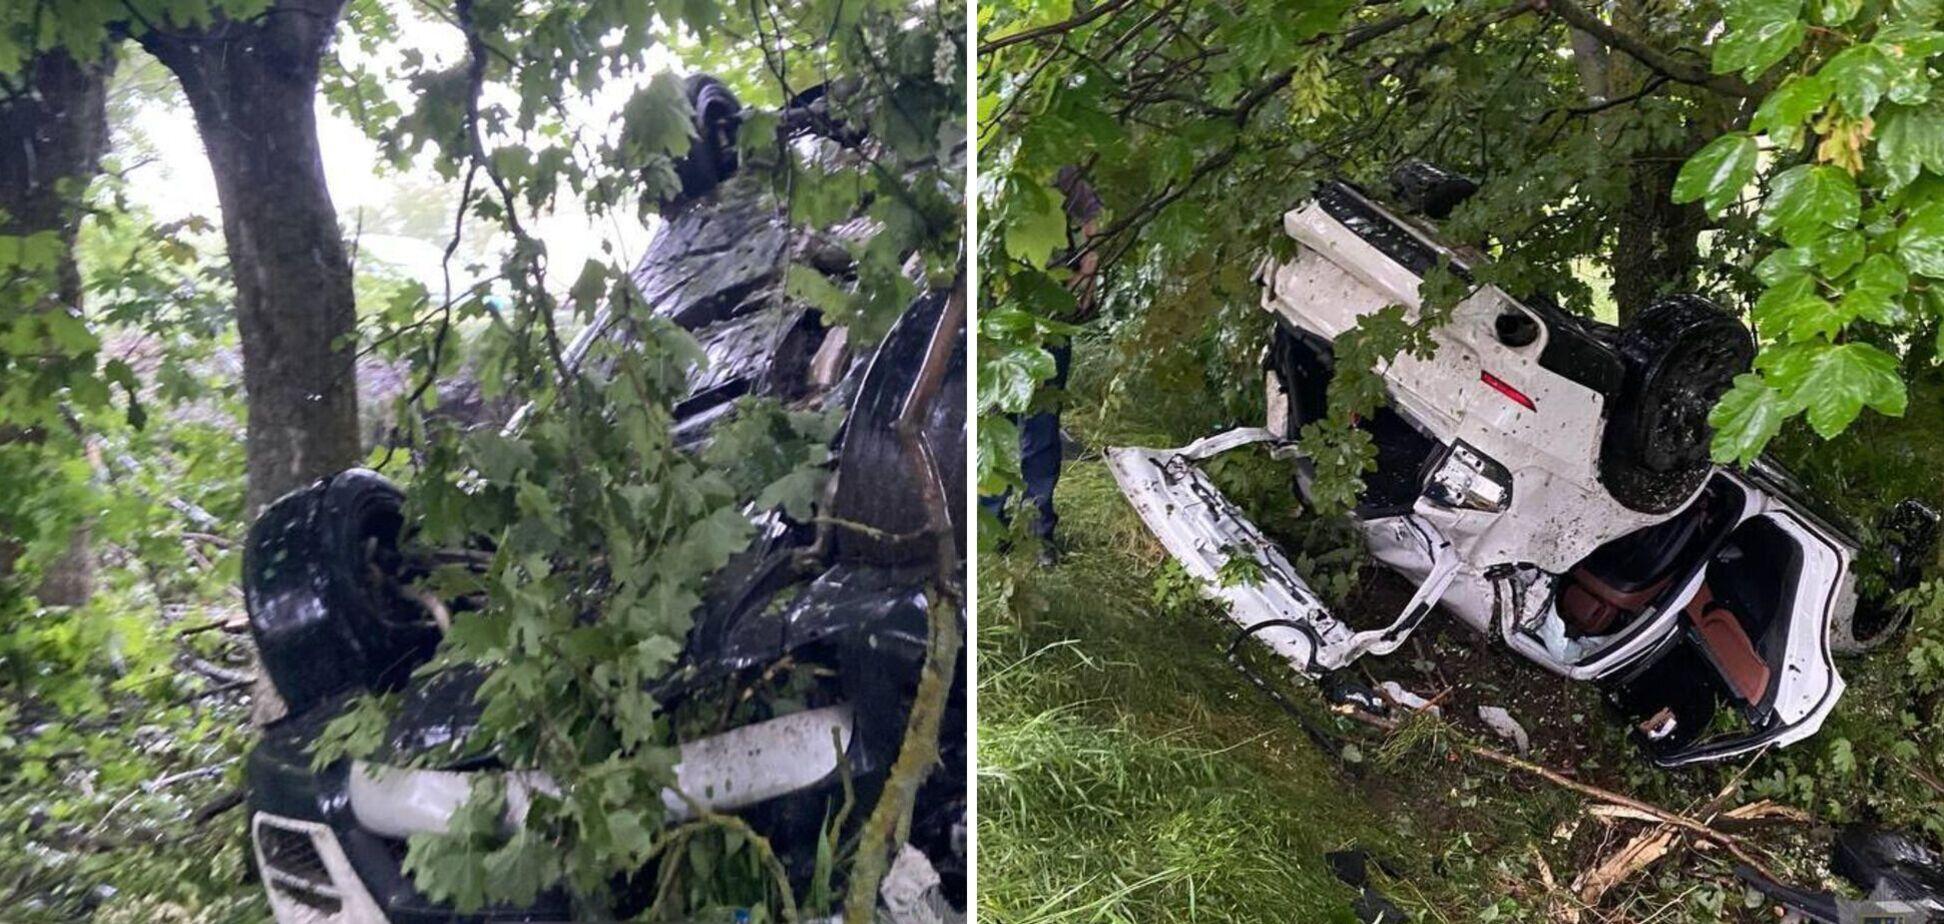 Під Миколаєвом 16-річний хлопець розбив BMW: у ДТП постраждали підлітки. Фото